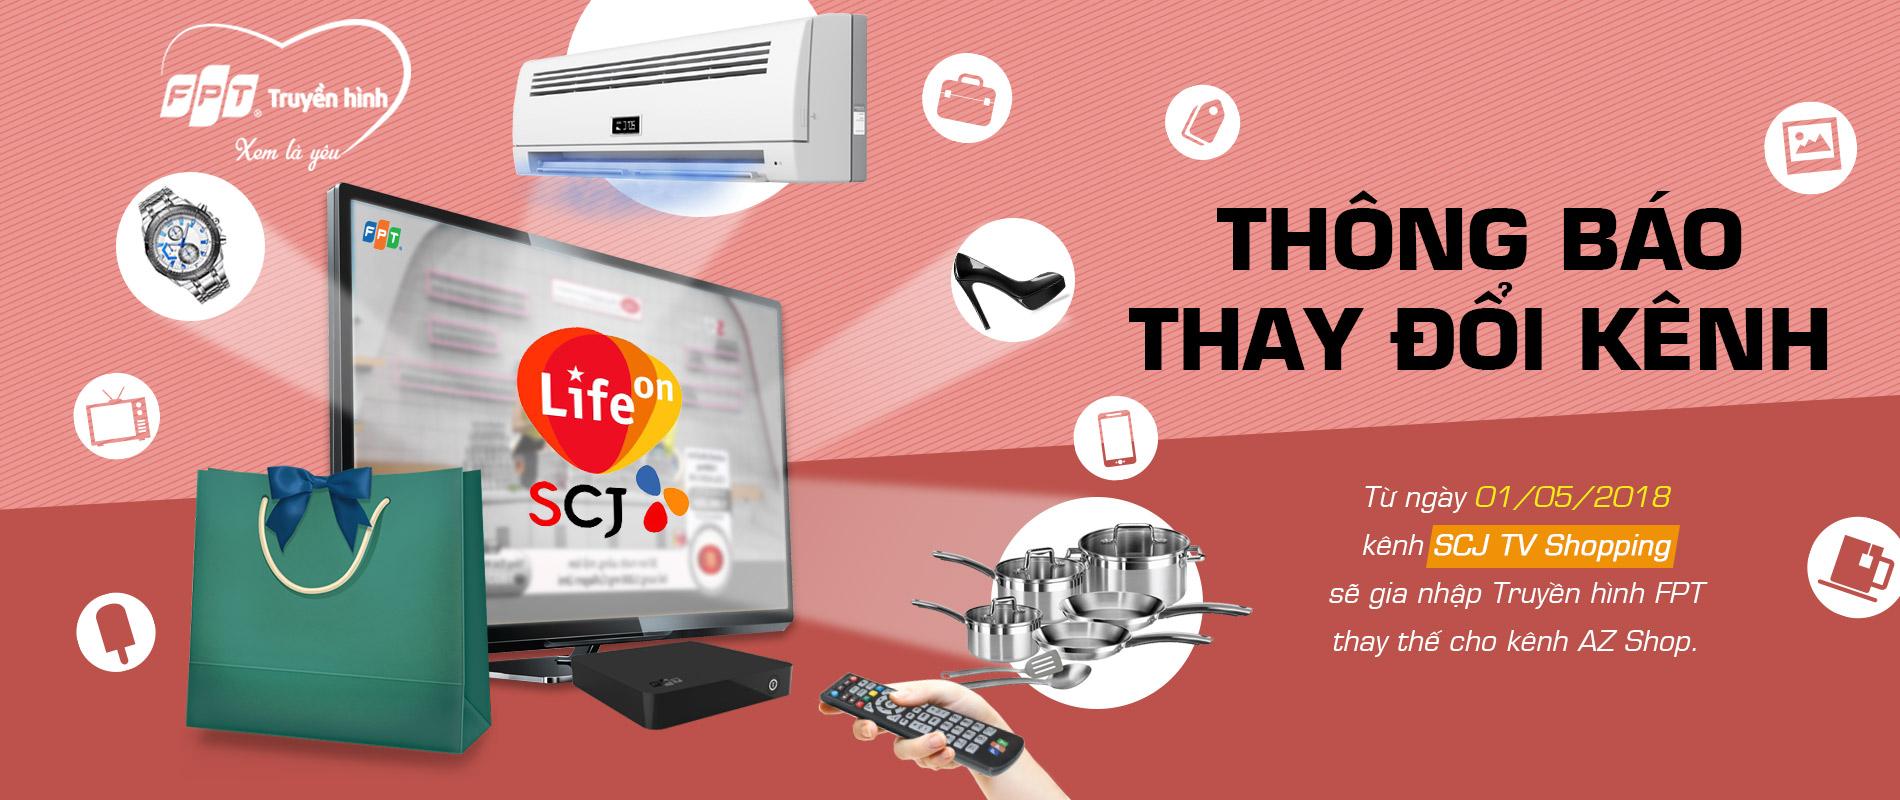 truyền hình fpt thay đổi kênh SCJ TV Shopping